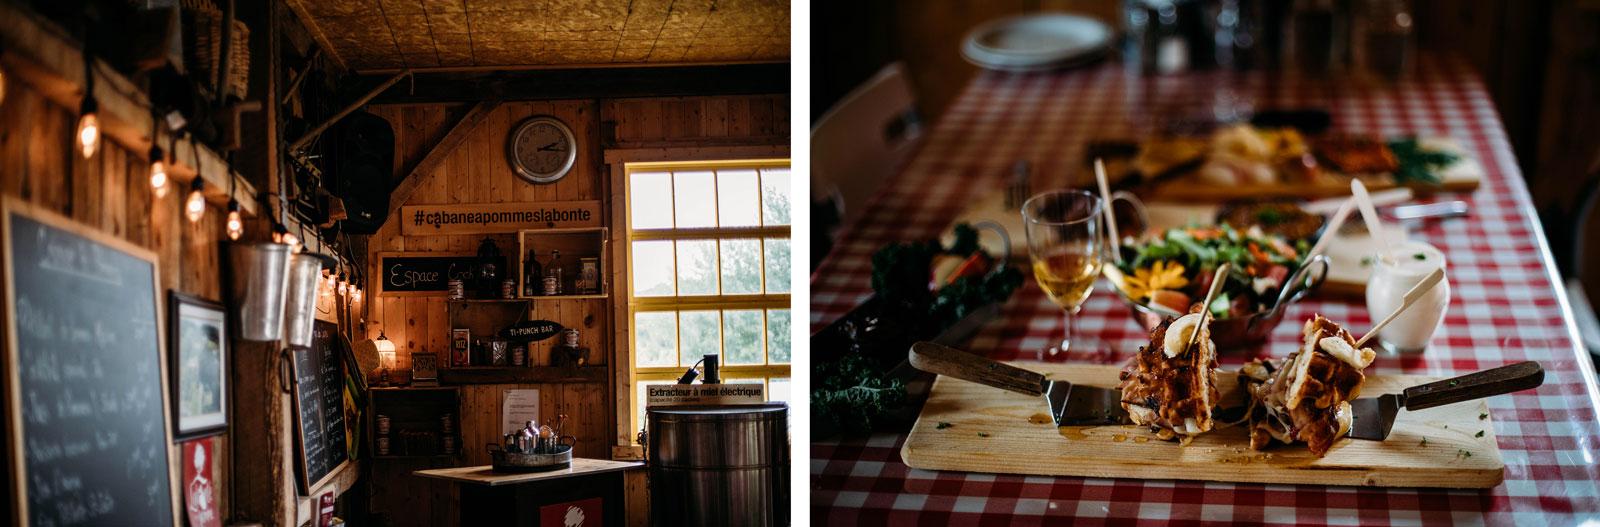 première cabane à pommes du Québec